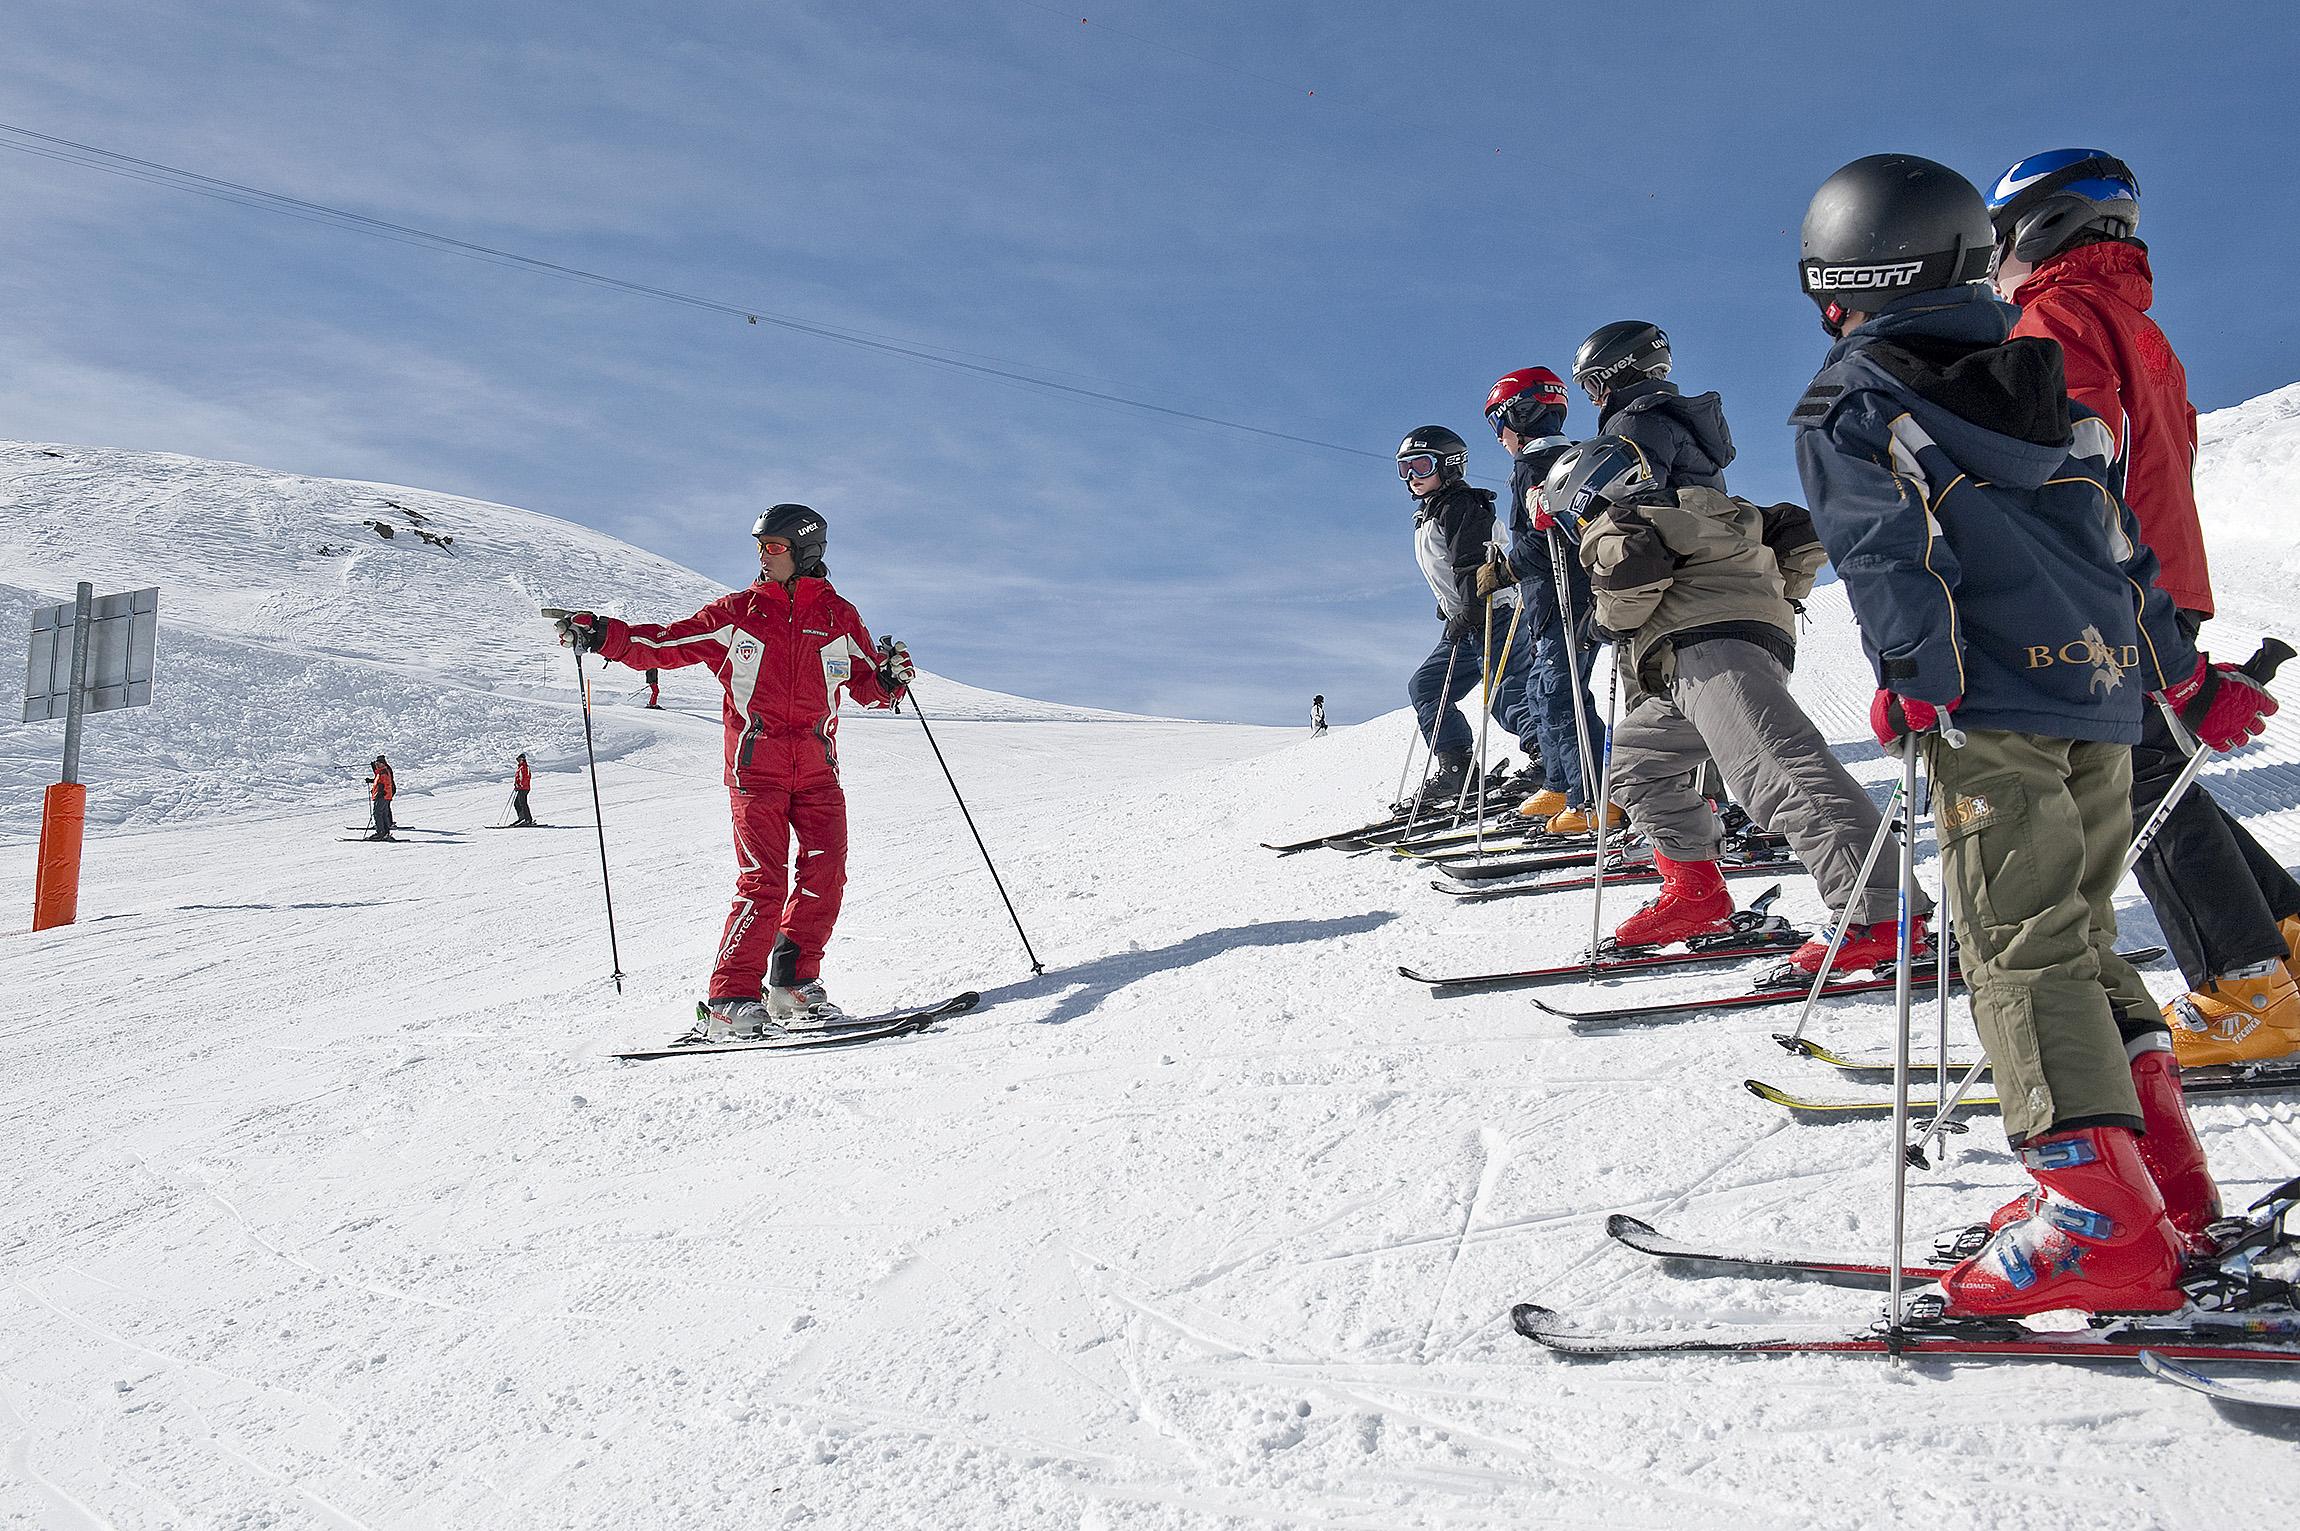 Les Suisses ont partiellement compensé l'absence des skieurs étrangers